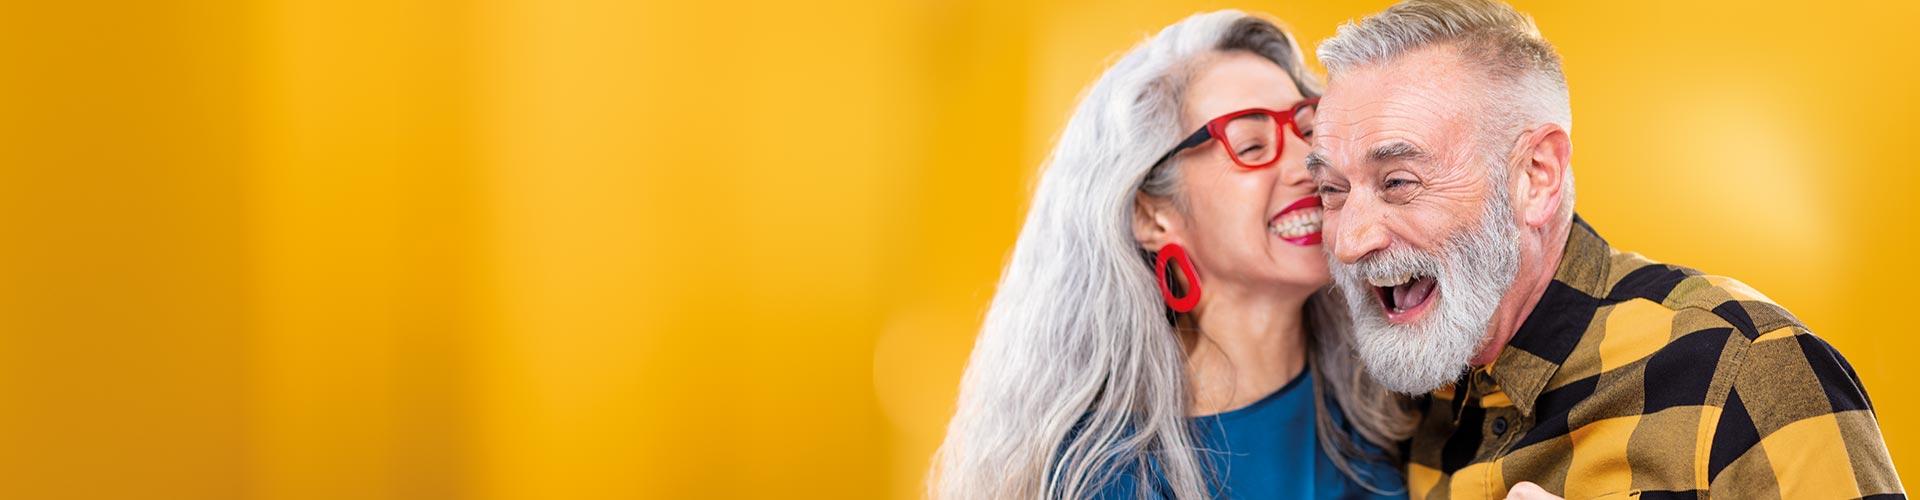 一個中年婦女抱住她的朋友,正在耳邊竊竊私語。他戴著飛利浦 HearLink 可充電助聽器。